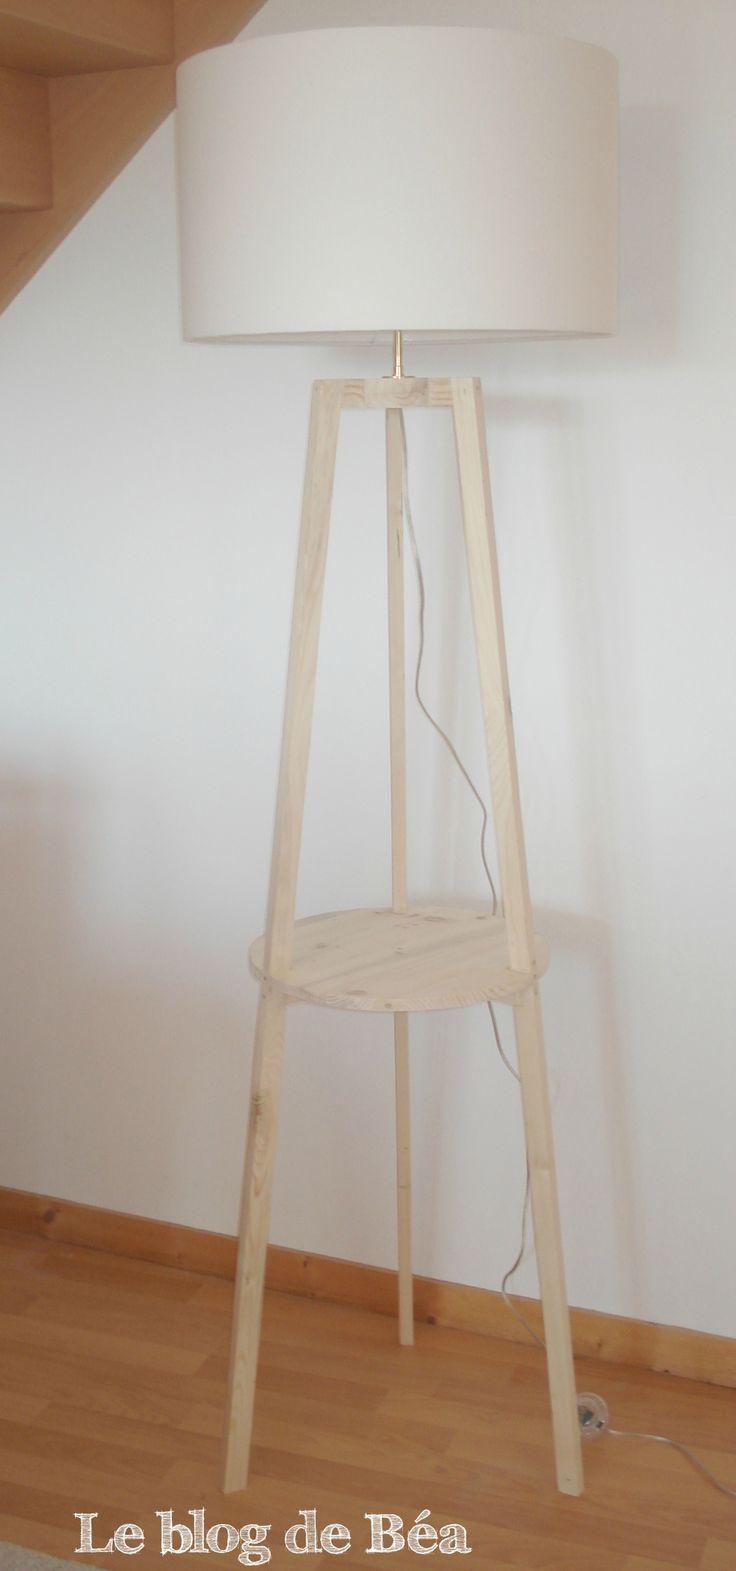 les 25 meilleures id es de la cat gorie lampadaire trepied bois sur pinterest lampadaire. Black Bedroom Furniture Sets. Home Design Ideas